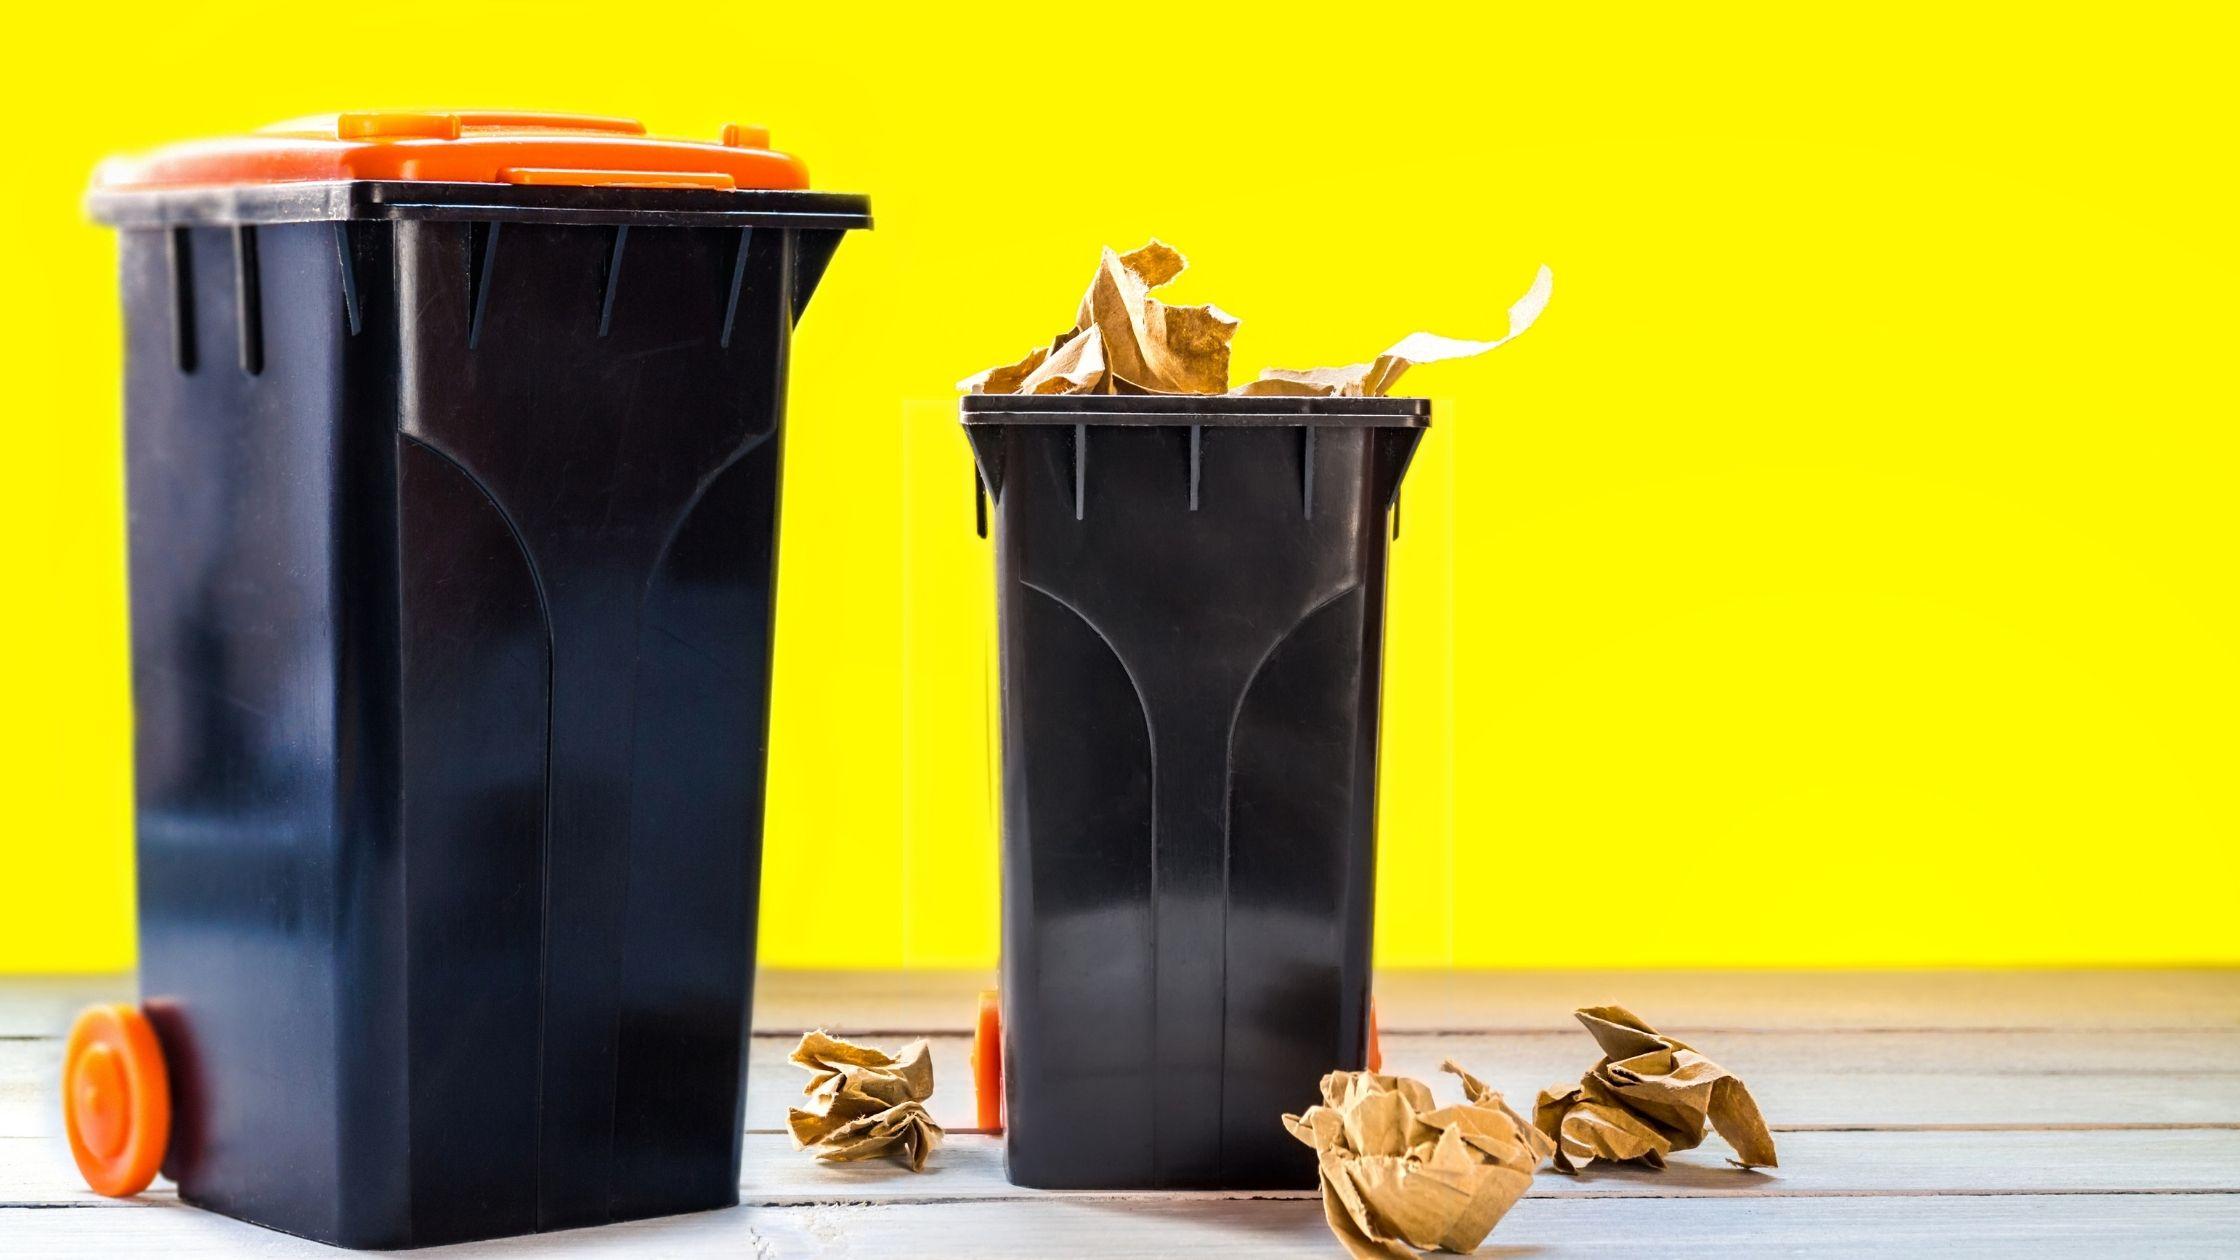 presentazione-mud-2020-rifiuti